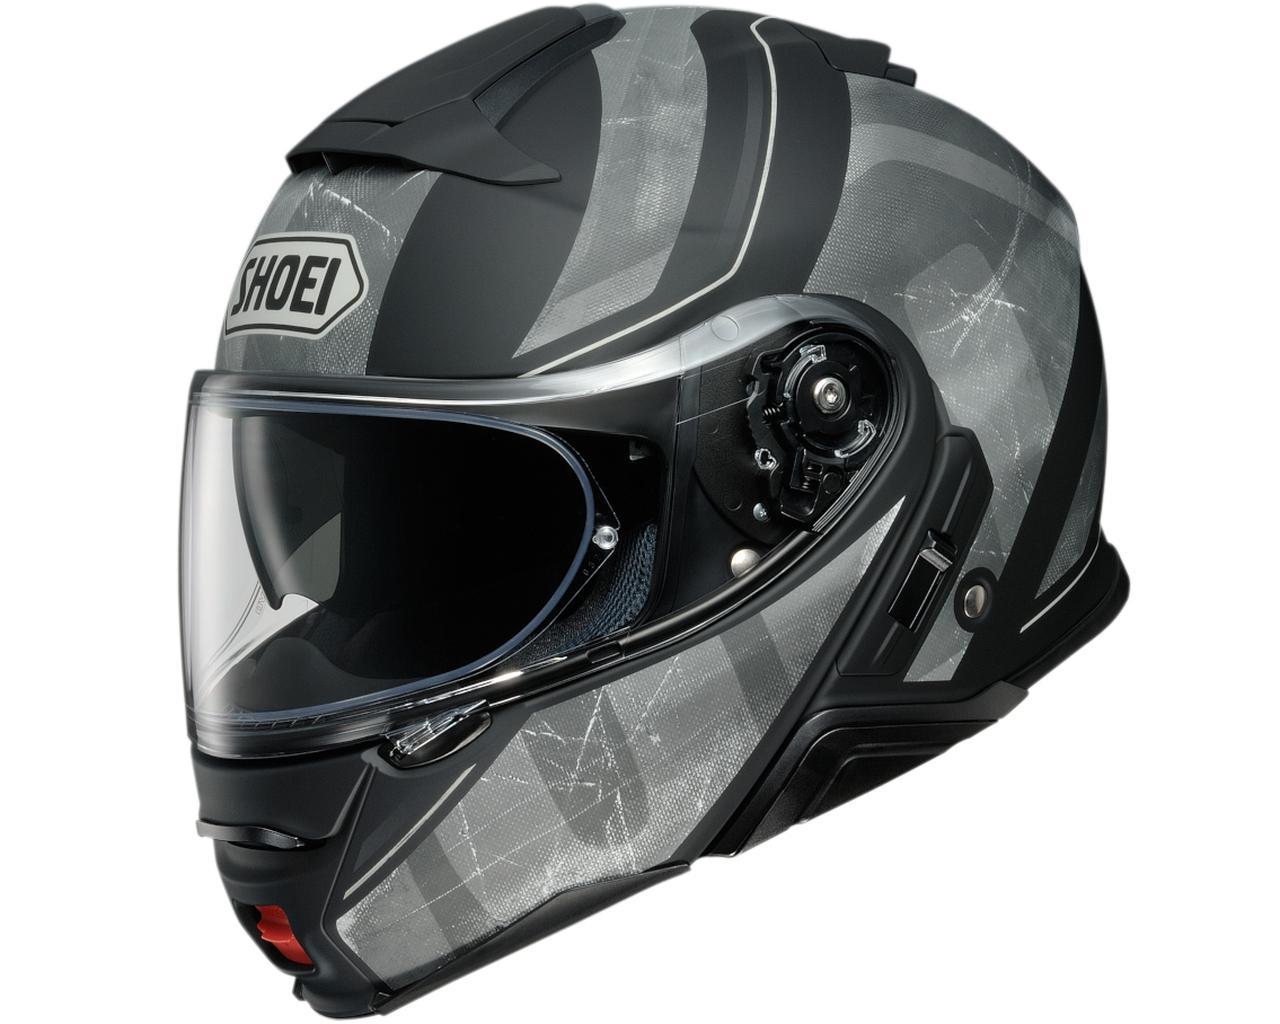 画像4: SHOEIのシステムヘルメット「ネオテックII」に新たなグラフィックモデル「ジョーント」が登場! カラーは3色